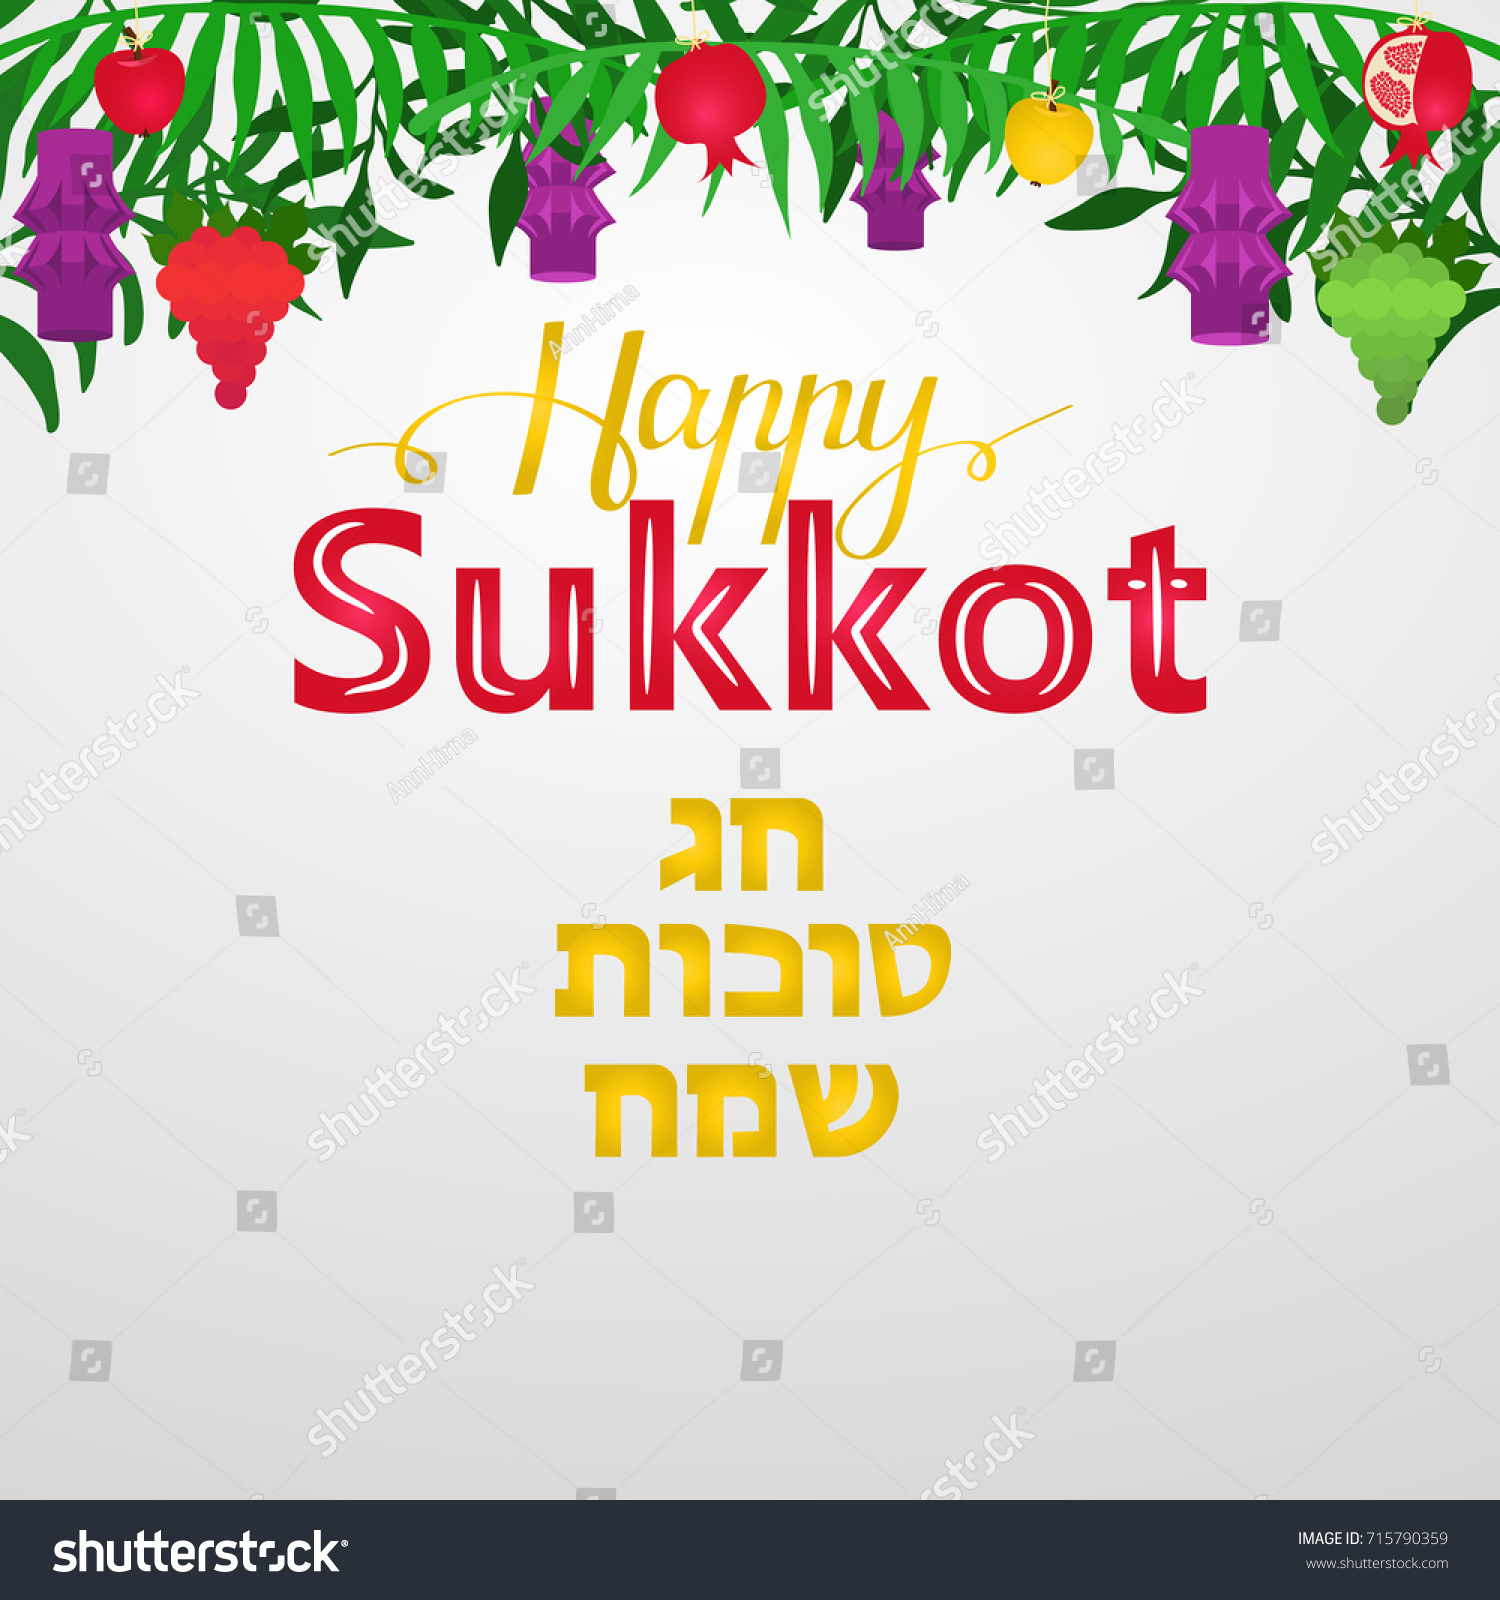 Succot Greeting Card Happy Sukkot Jewish Stock Vector Royalty Free